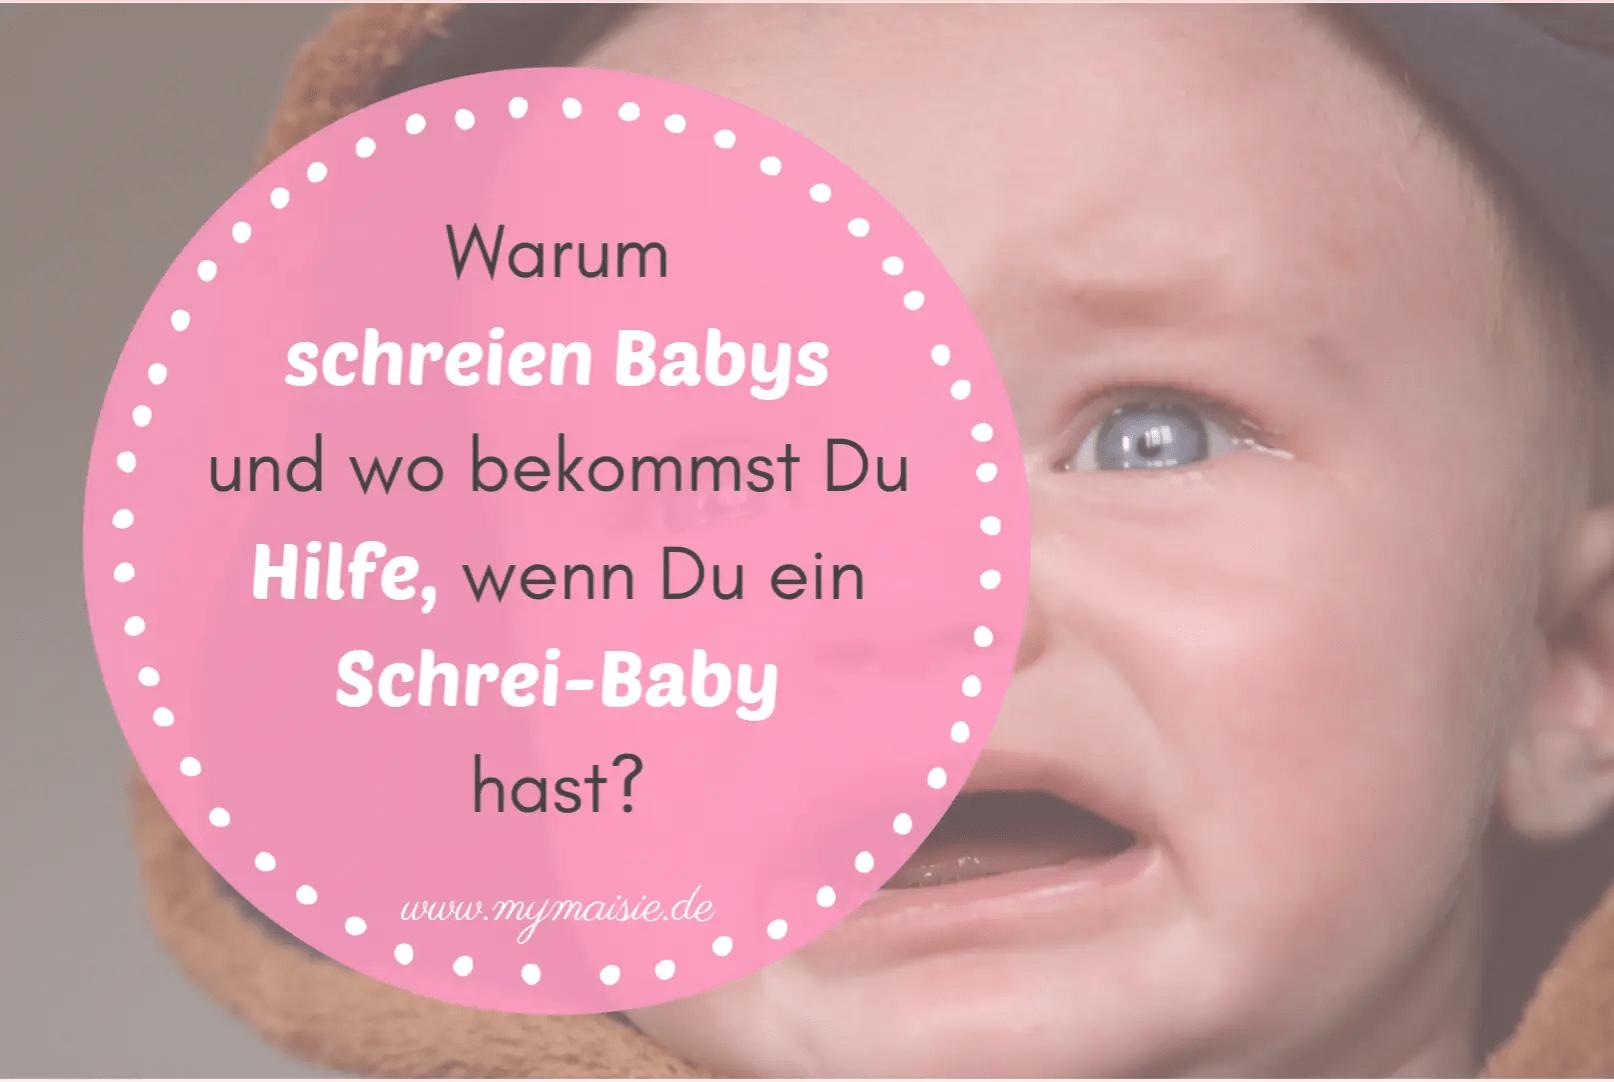 Warum schreien Babys und wo bekommst Du Hilfe, wenn Du ein Schrei-Baby hast?